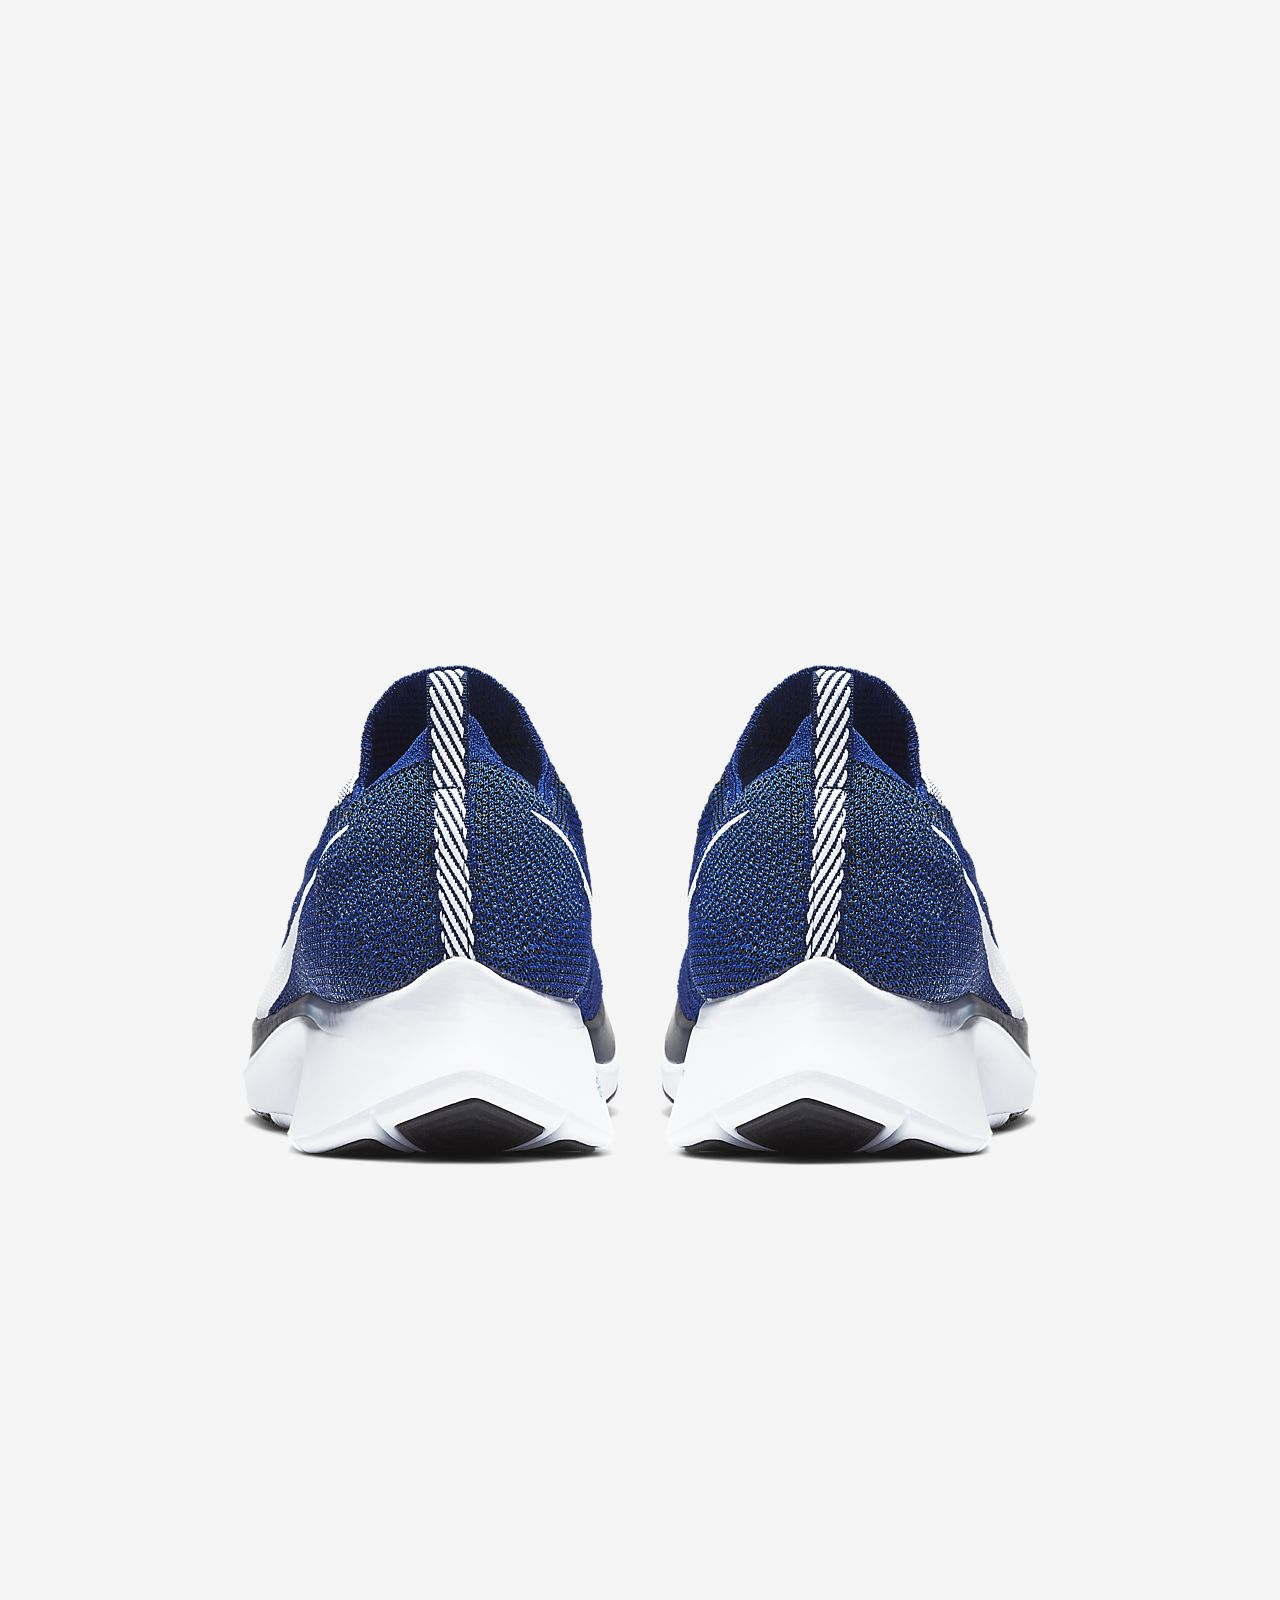 bdee967347d7 Nike Zoom Fly Flyknit Men s Running Shoe. Nike.com ID